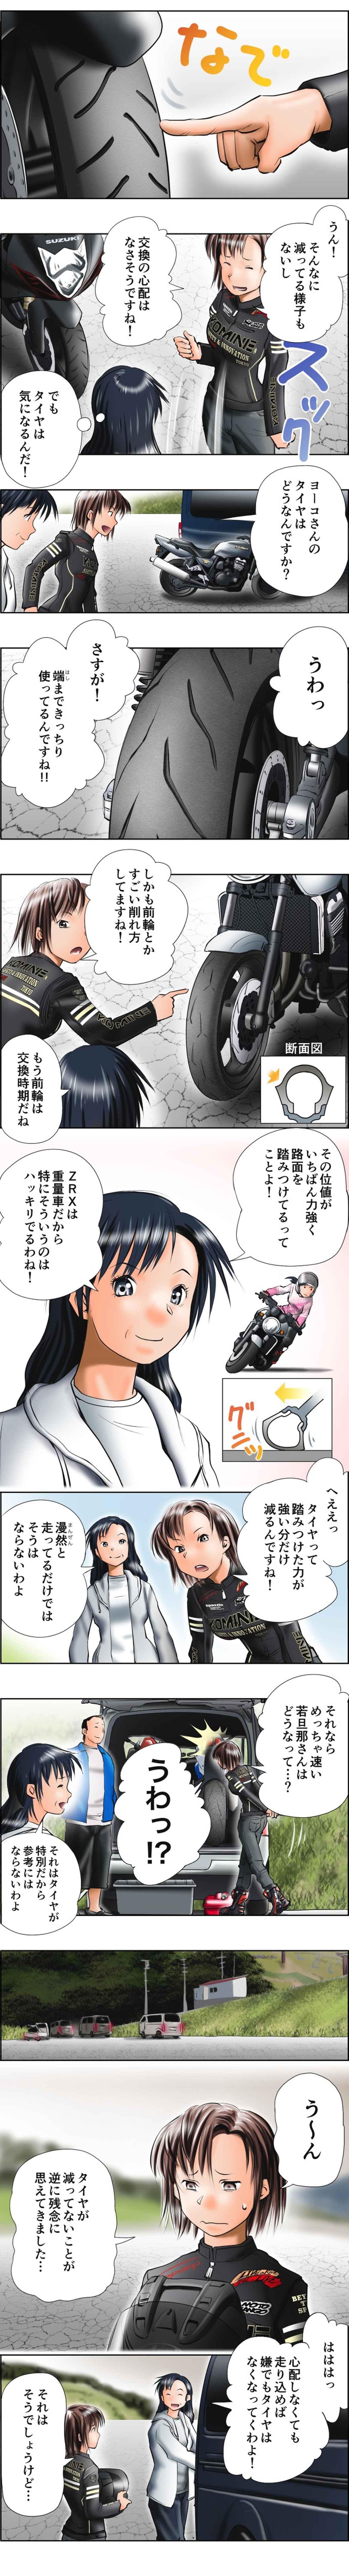 画像4: MOTOジム!(第6話:使い切ることを目指して!)  作・ばどみゅーみん